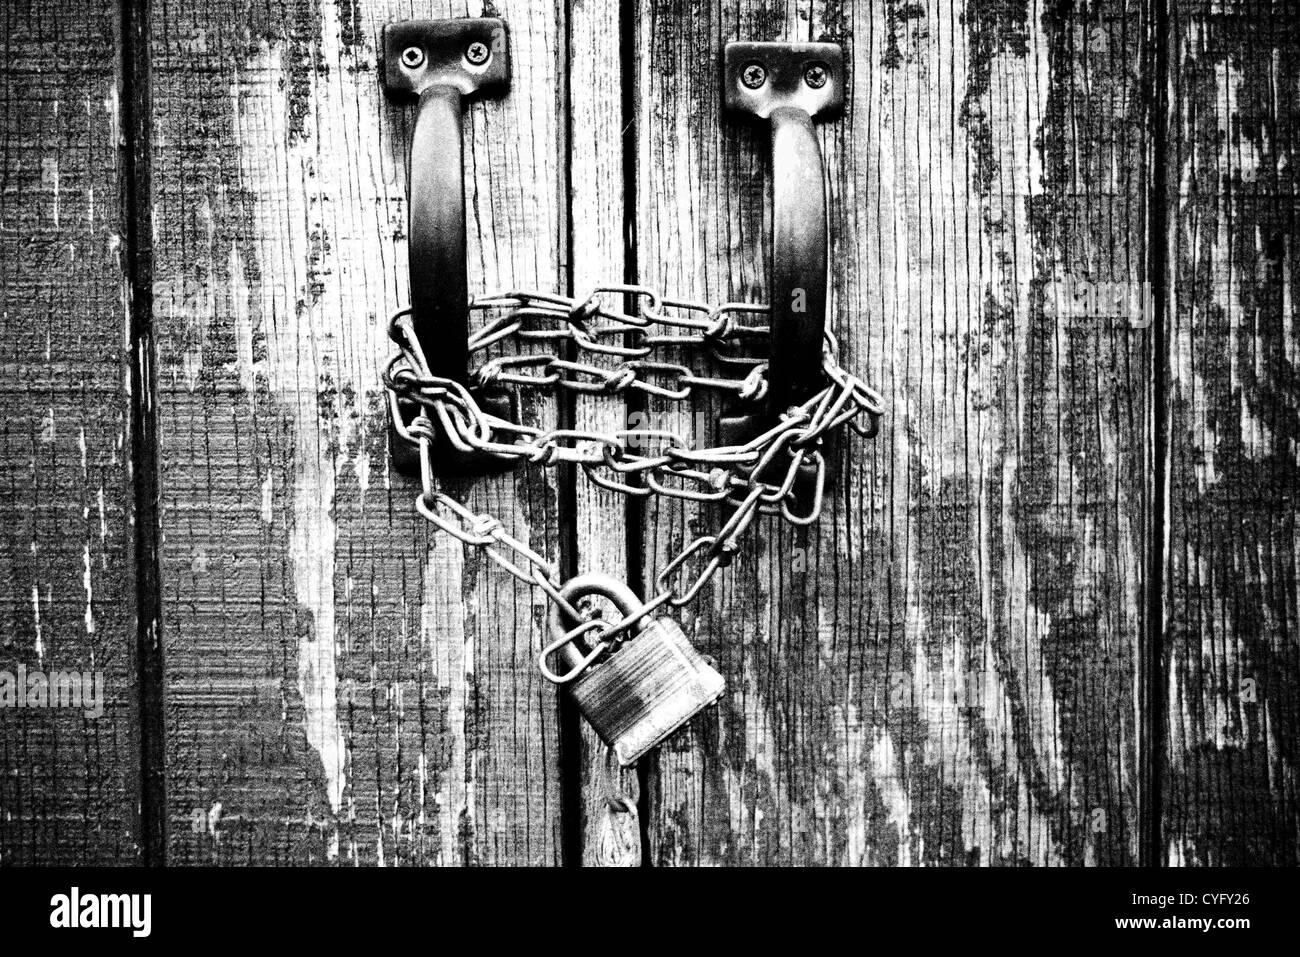 Locked Wood Door - Stock Image